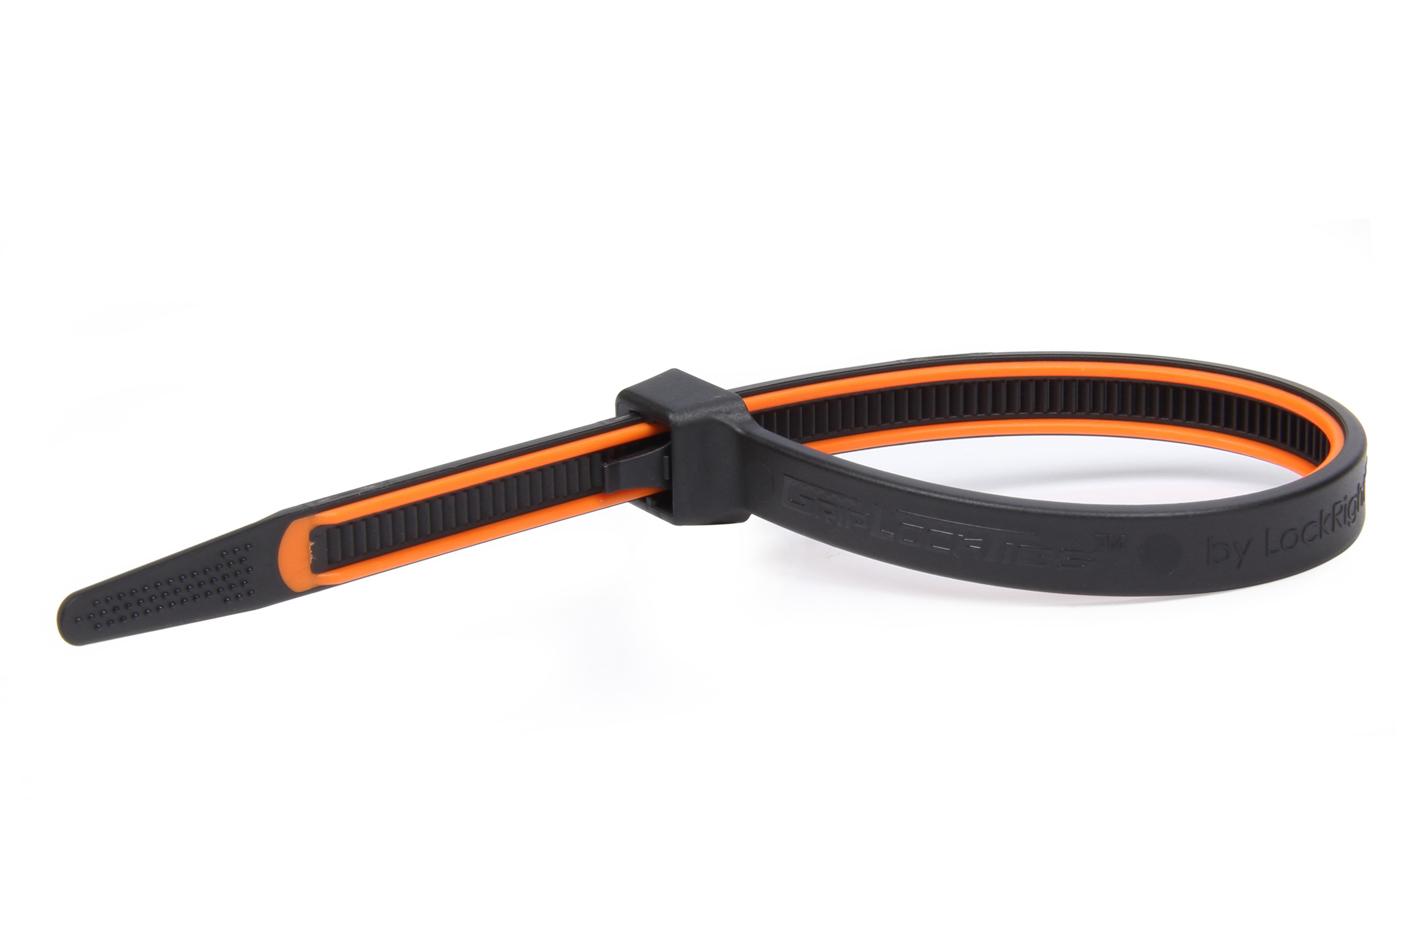 Grip Lock Ties 2908BKOGHB15 Cable Ties, Zip Ties, 8 in Long, Orange Rubber Lined, Nylon, Black, Reusable, Set of 15